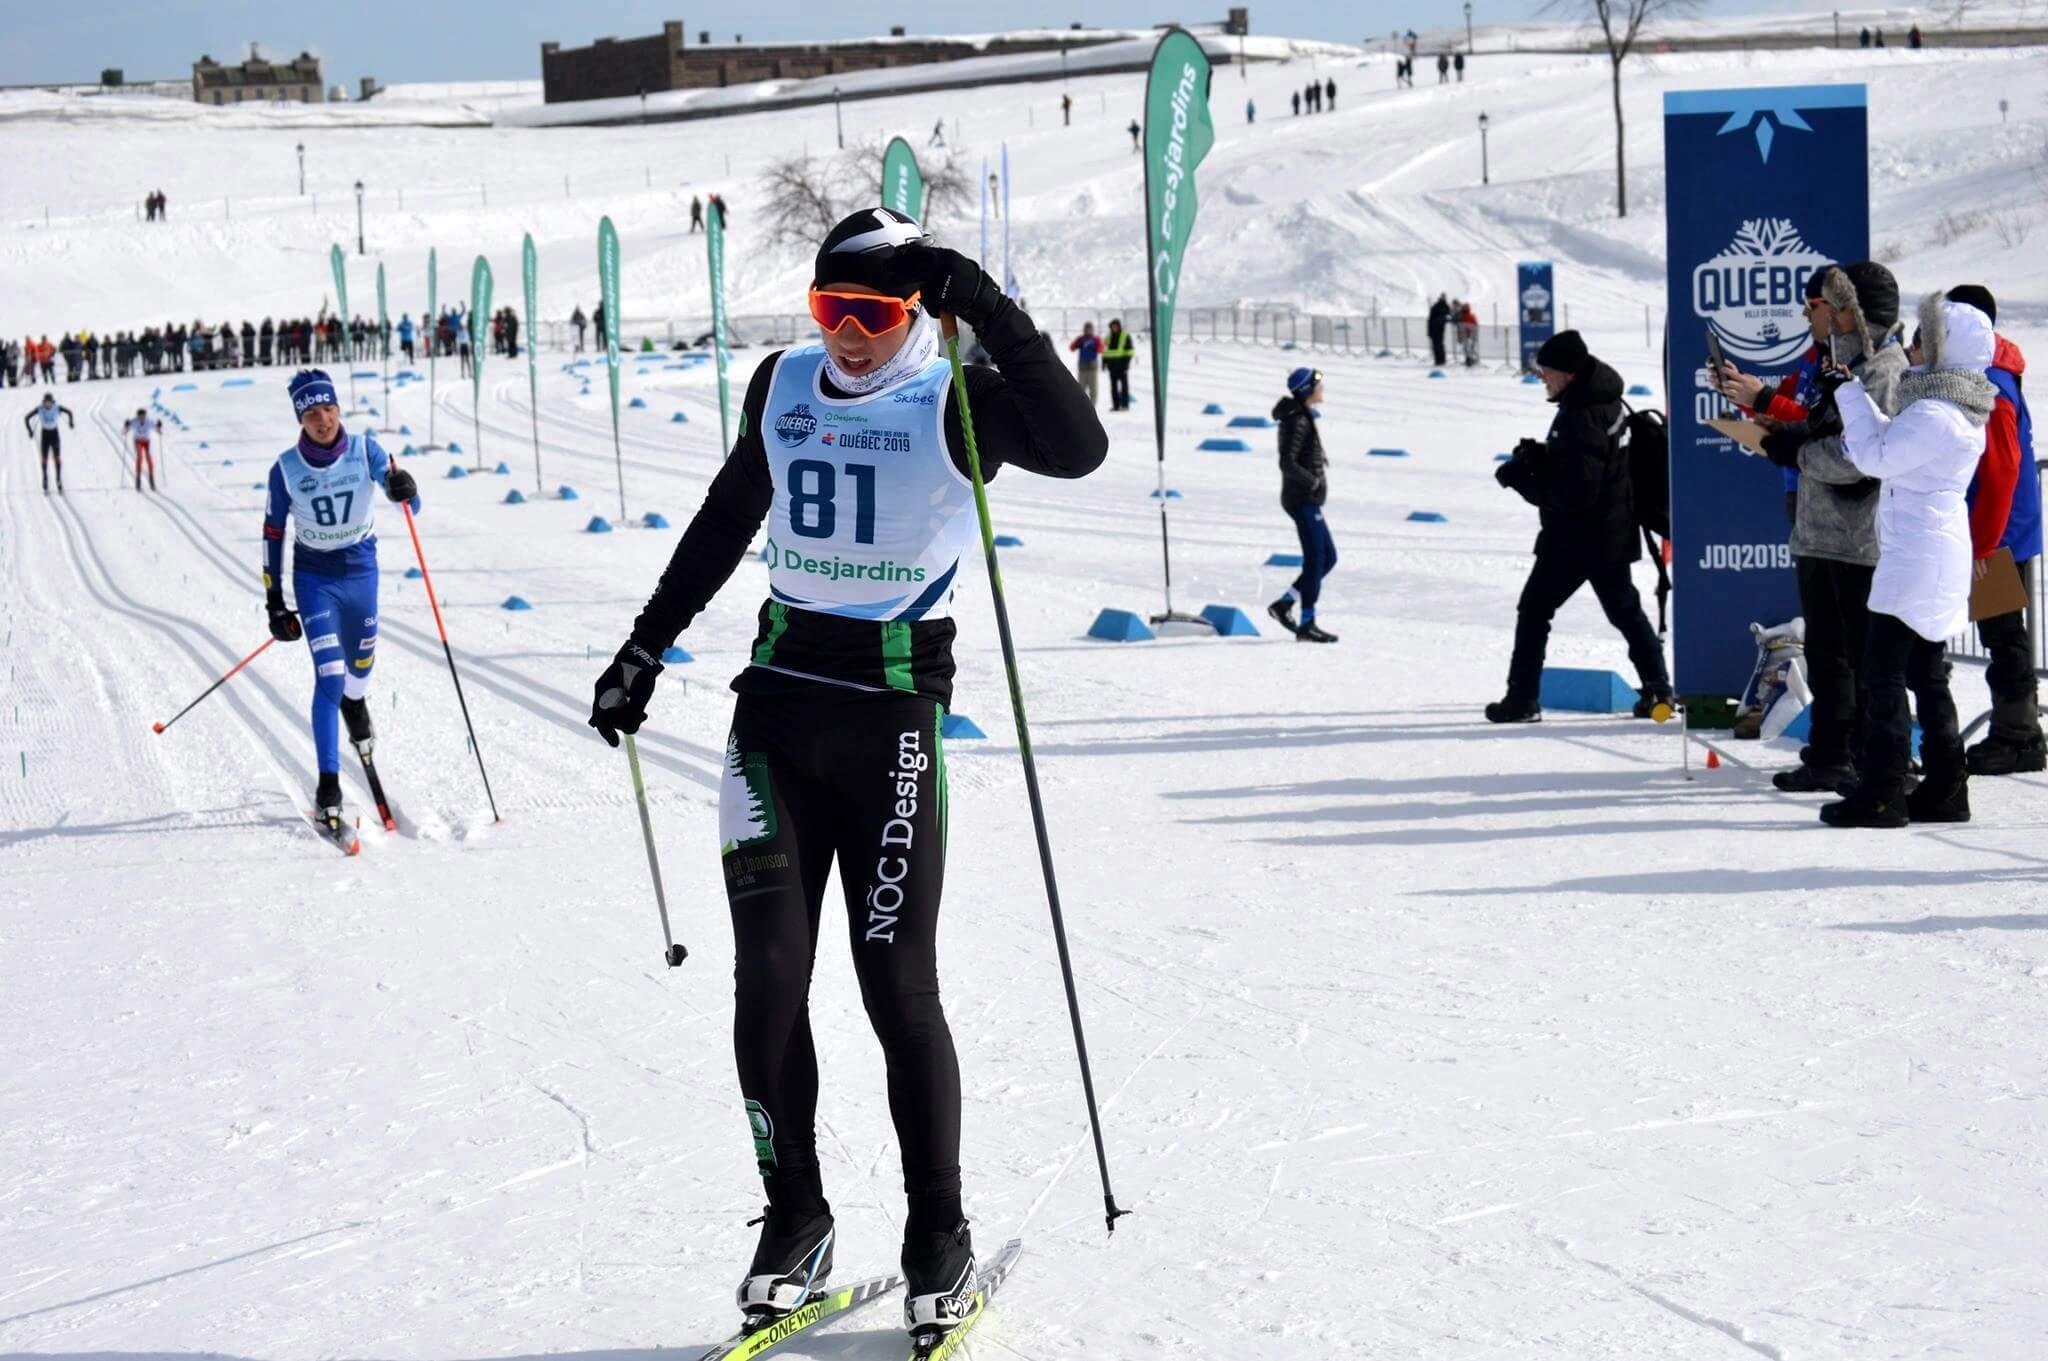 Solstice Lanoix - Ski de fond Jeux du Québec